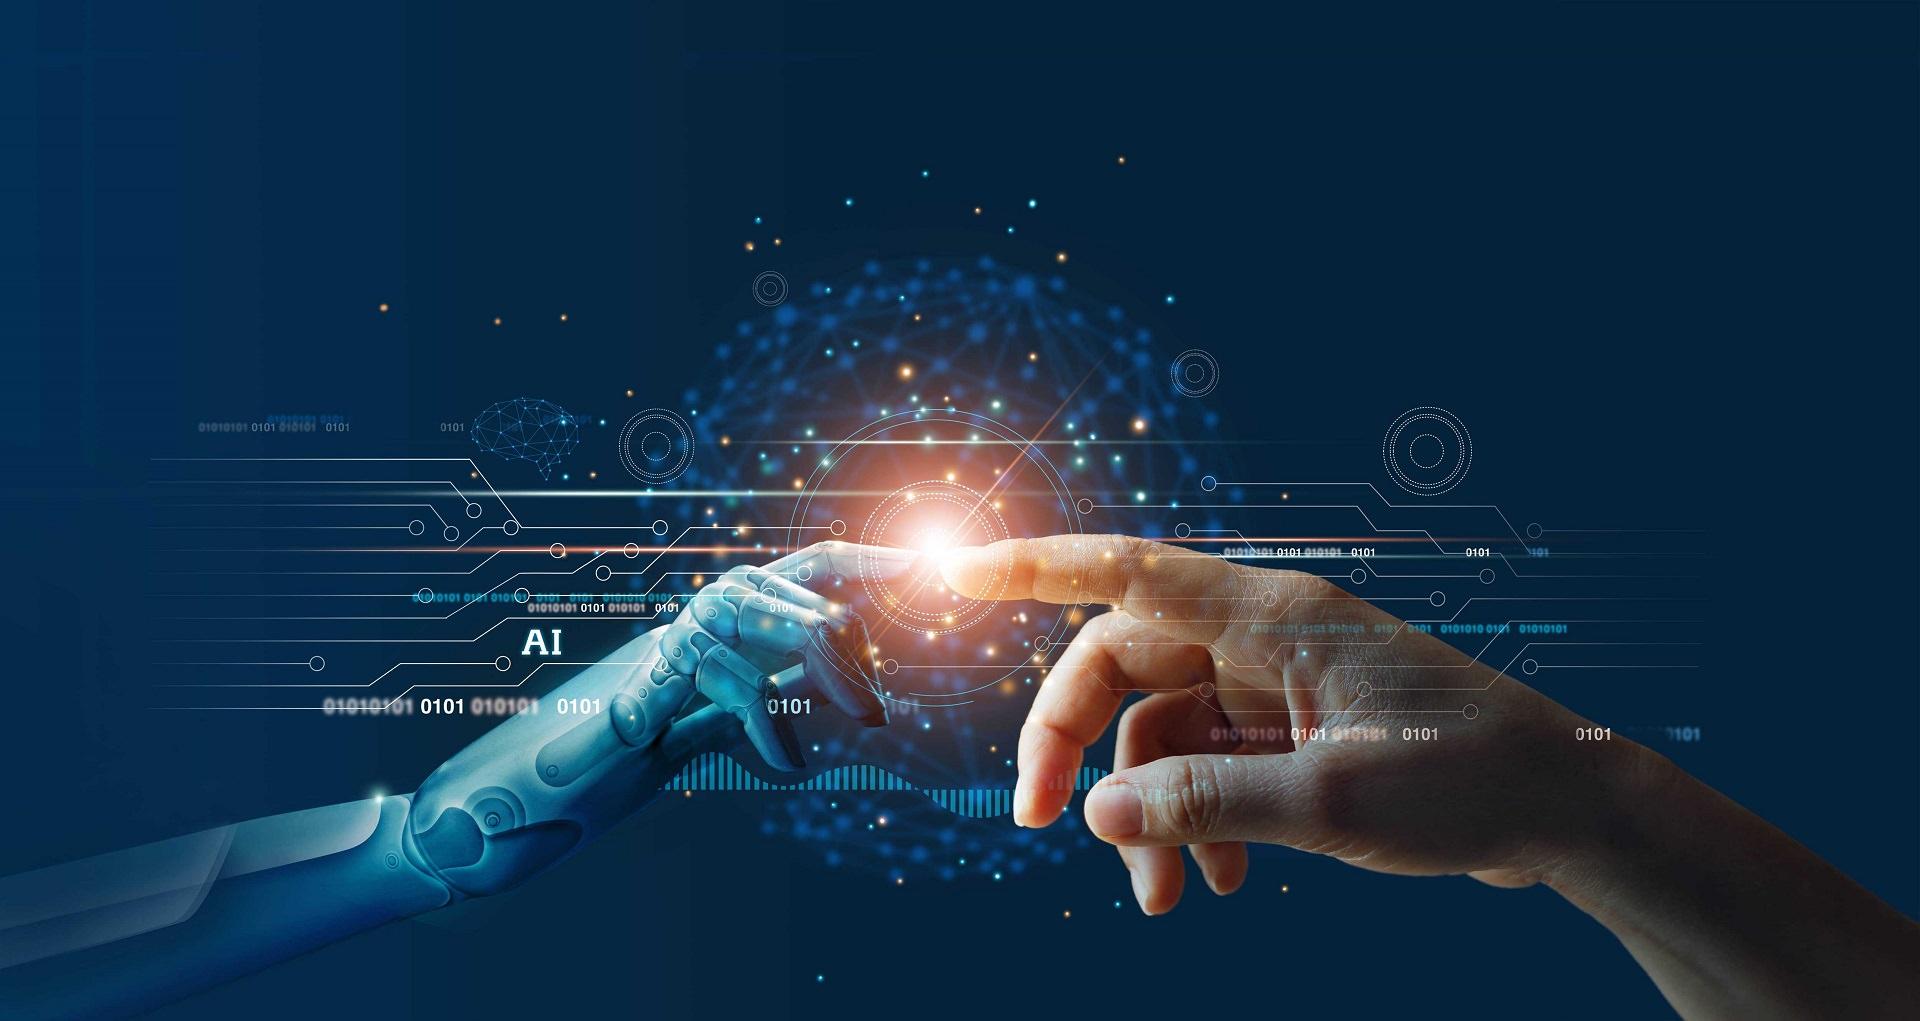 نماد هوش مصنوعی با نمایش تقابل دستان انسان و ربات